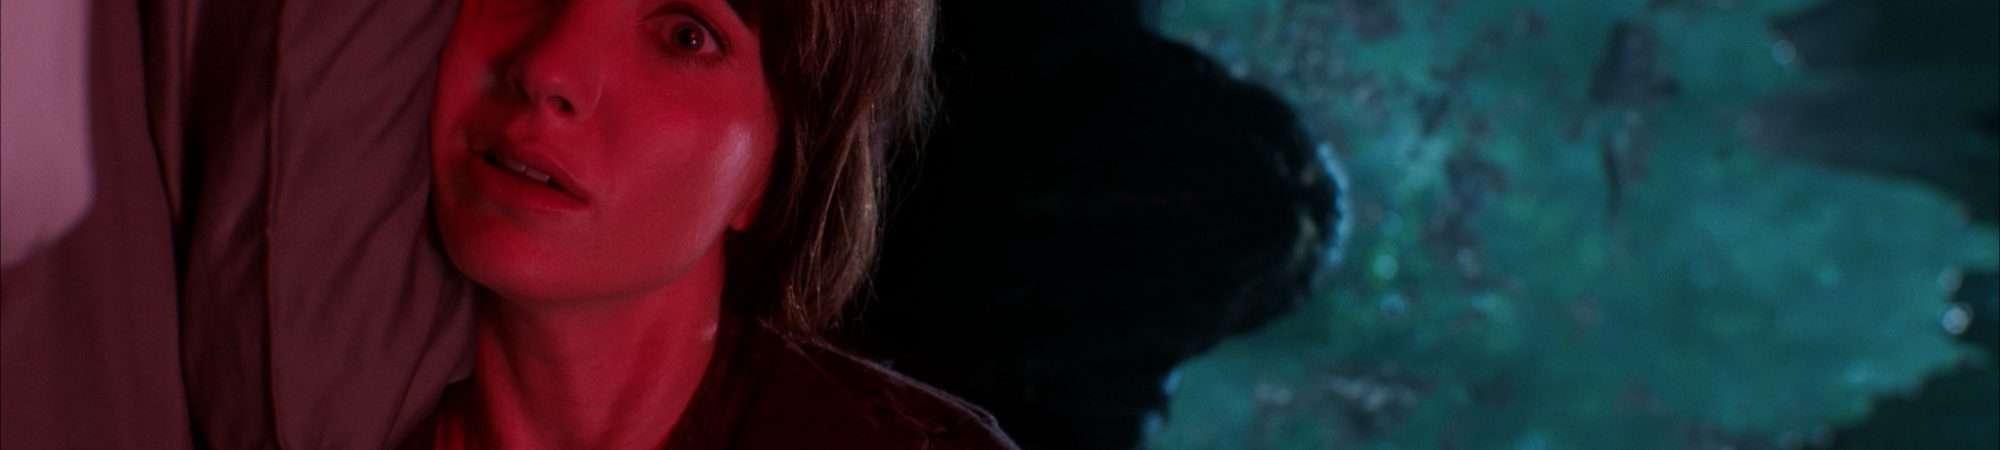 Annabelle como Madison em 'Maligno'. Imagem: Warner Bros Pictures/Divulgação